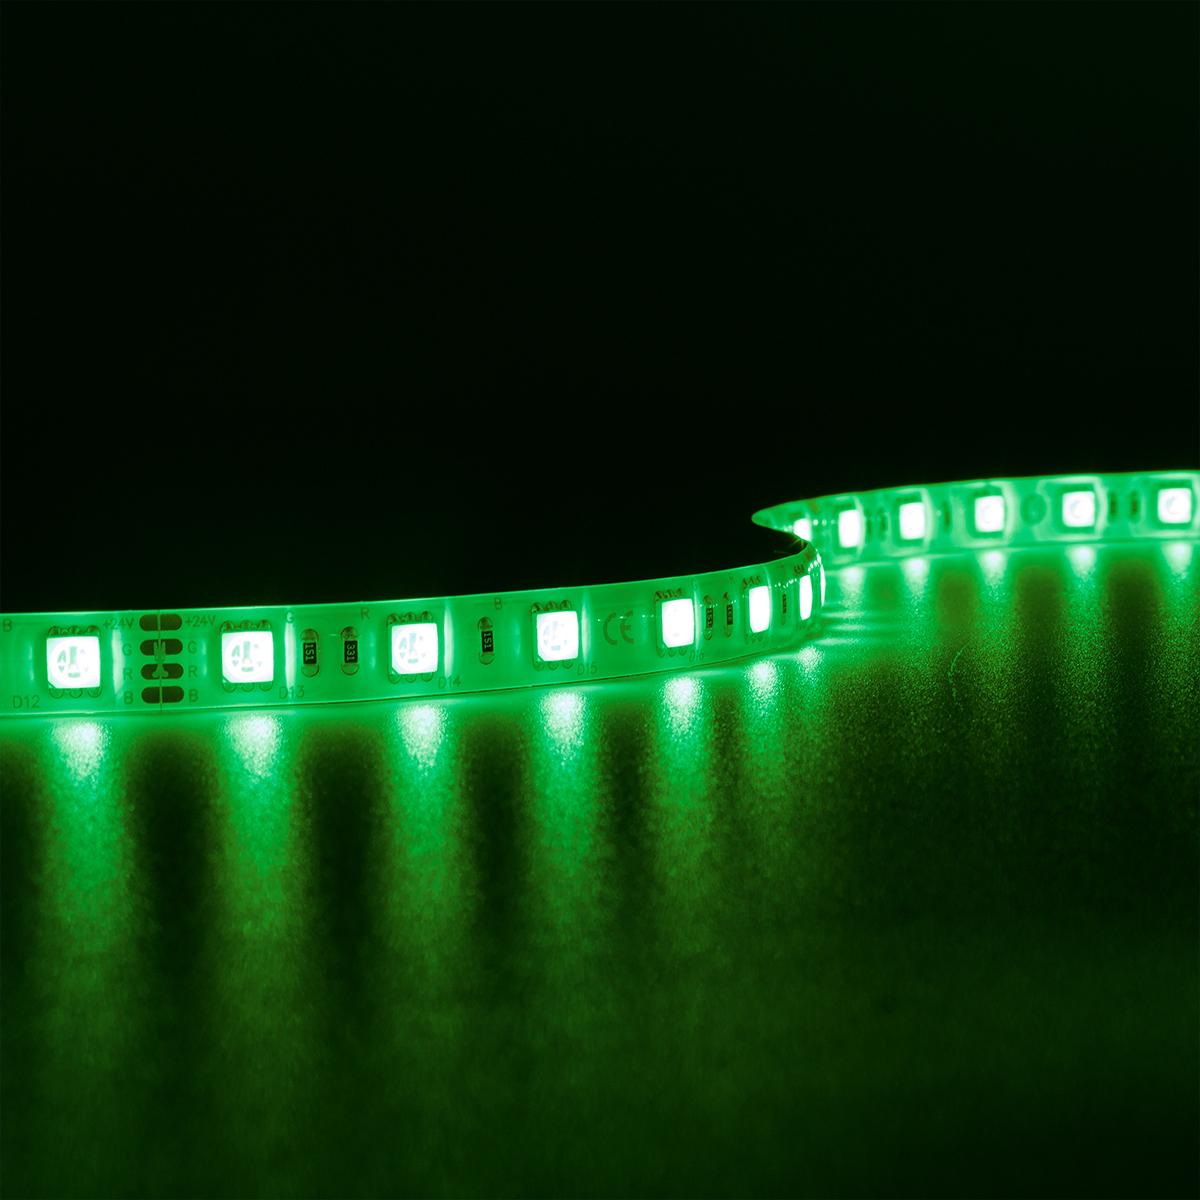 Strip RGB 24V LED Streifen 7,5M 14,4W/m 60LED/m 10mm IP65 Farbwechsel